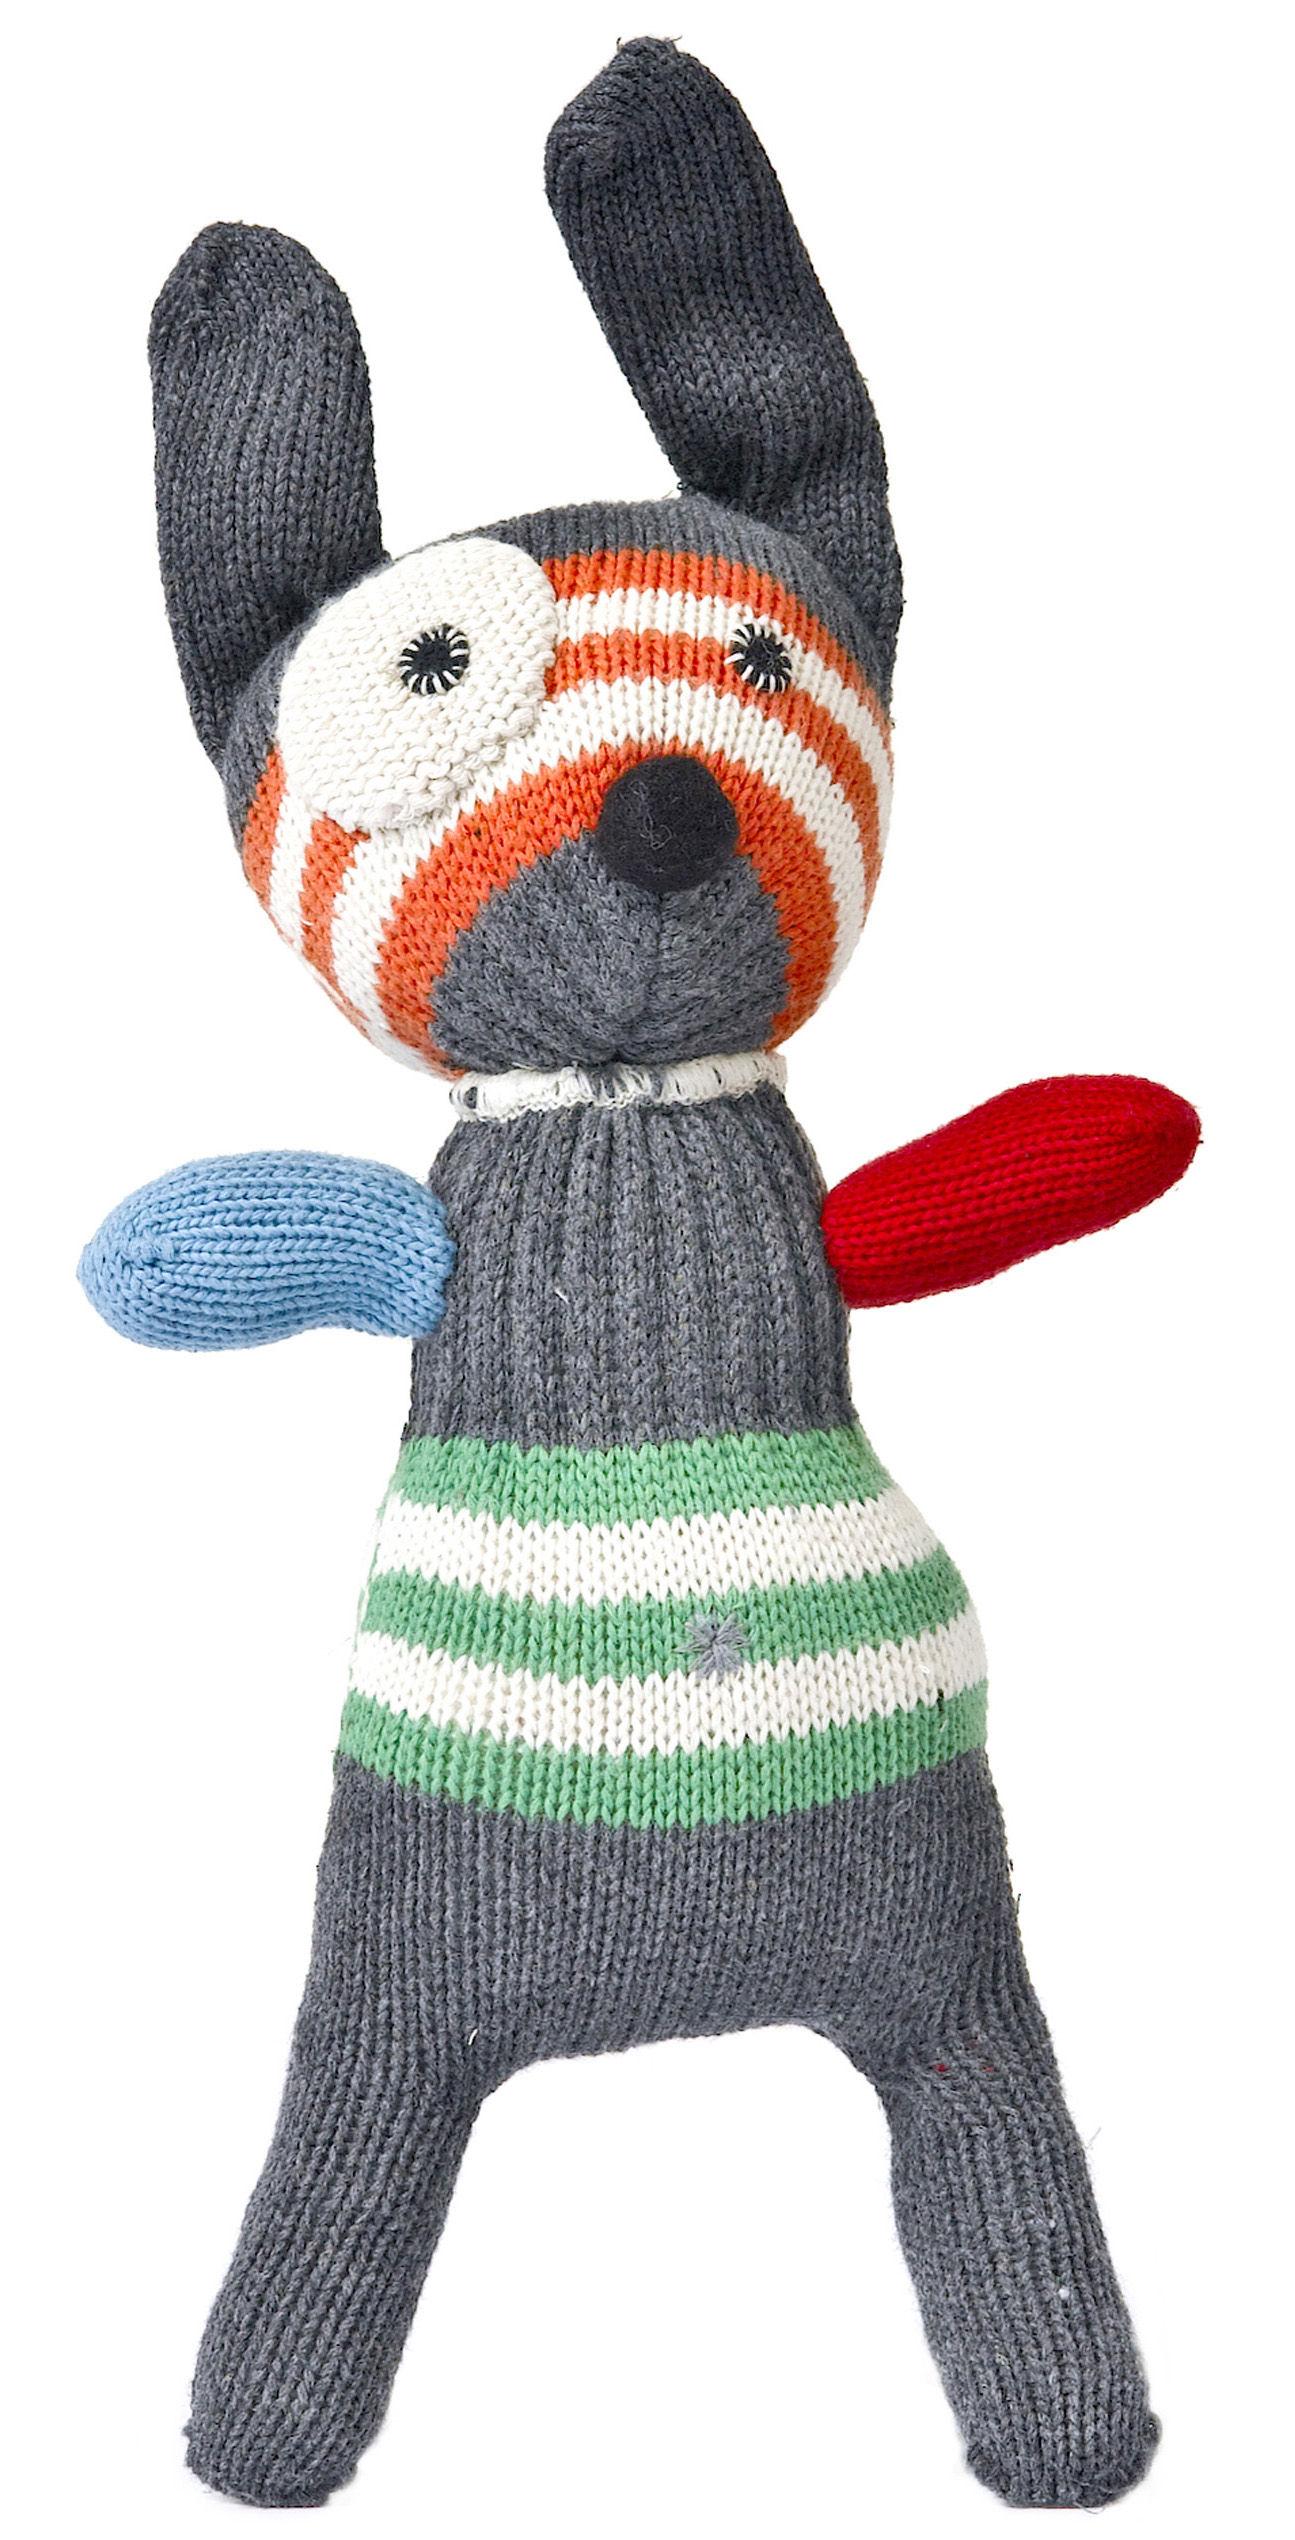 Déco - Pour les enfants - Peluche New small dog en crochet - Anne-Claire Petit - Multicolore - Coton